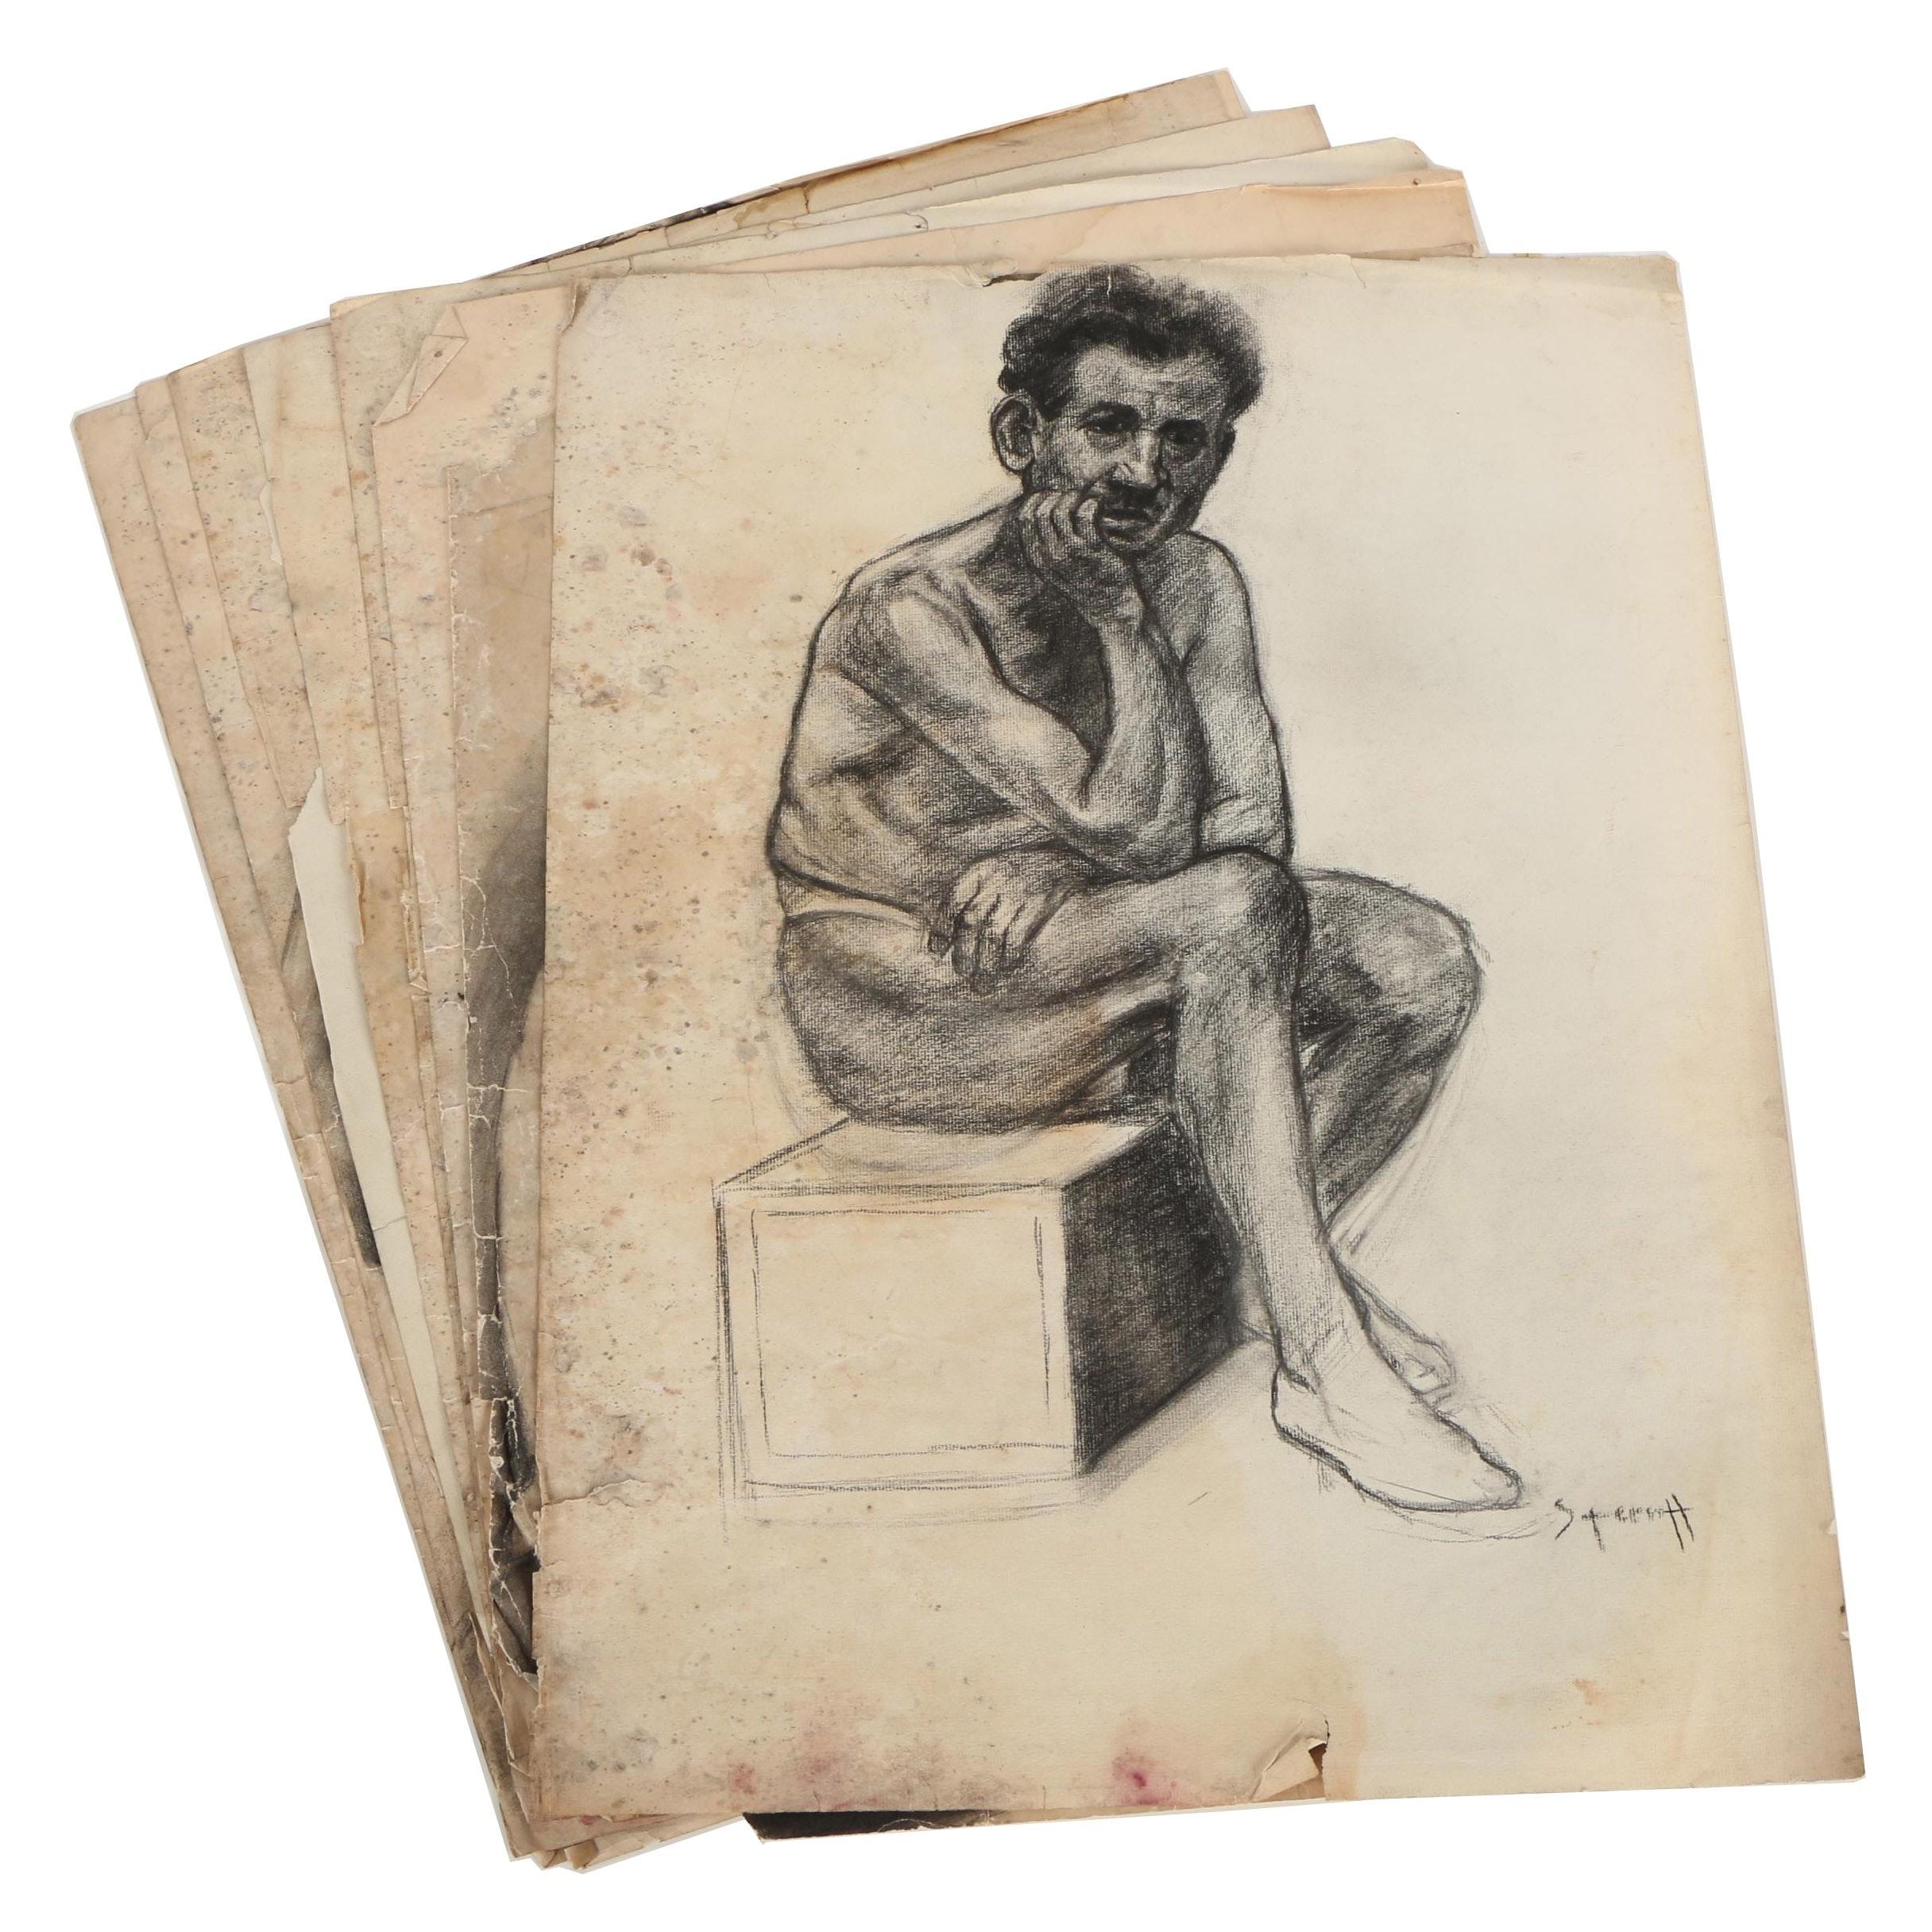 Paul Sterritt 1930s Charcoal Drawings